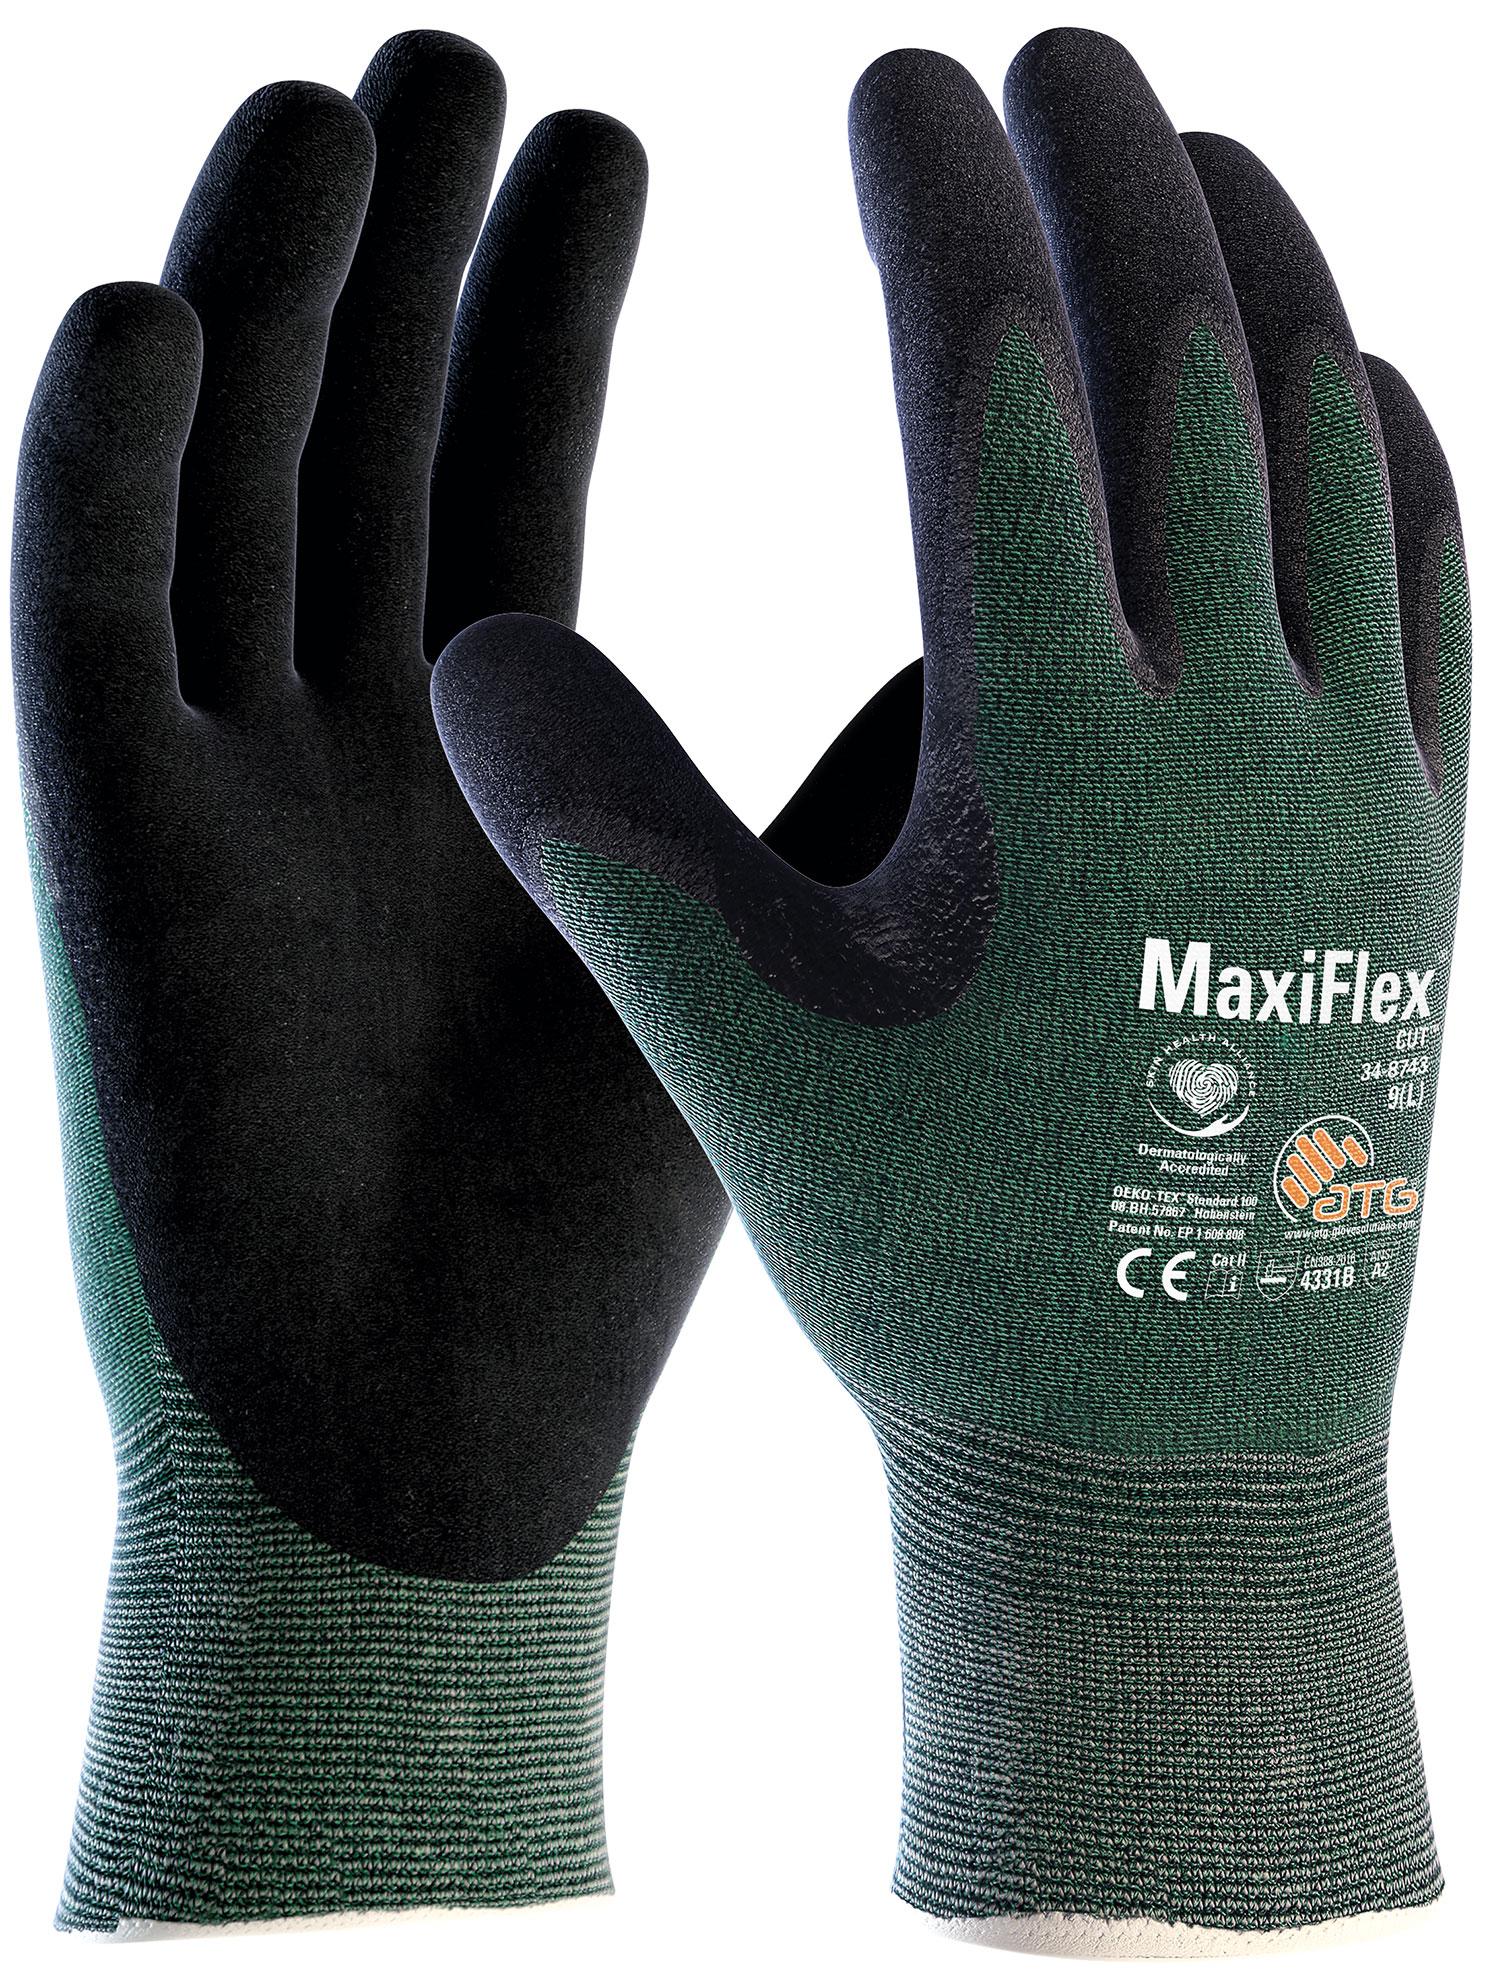 34-8743 MaxiFlex® Cut